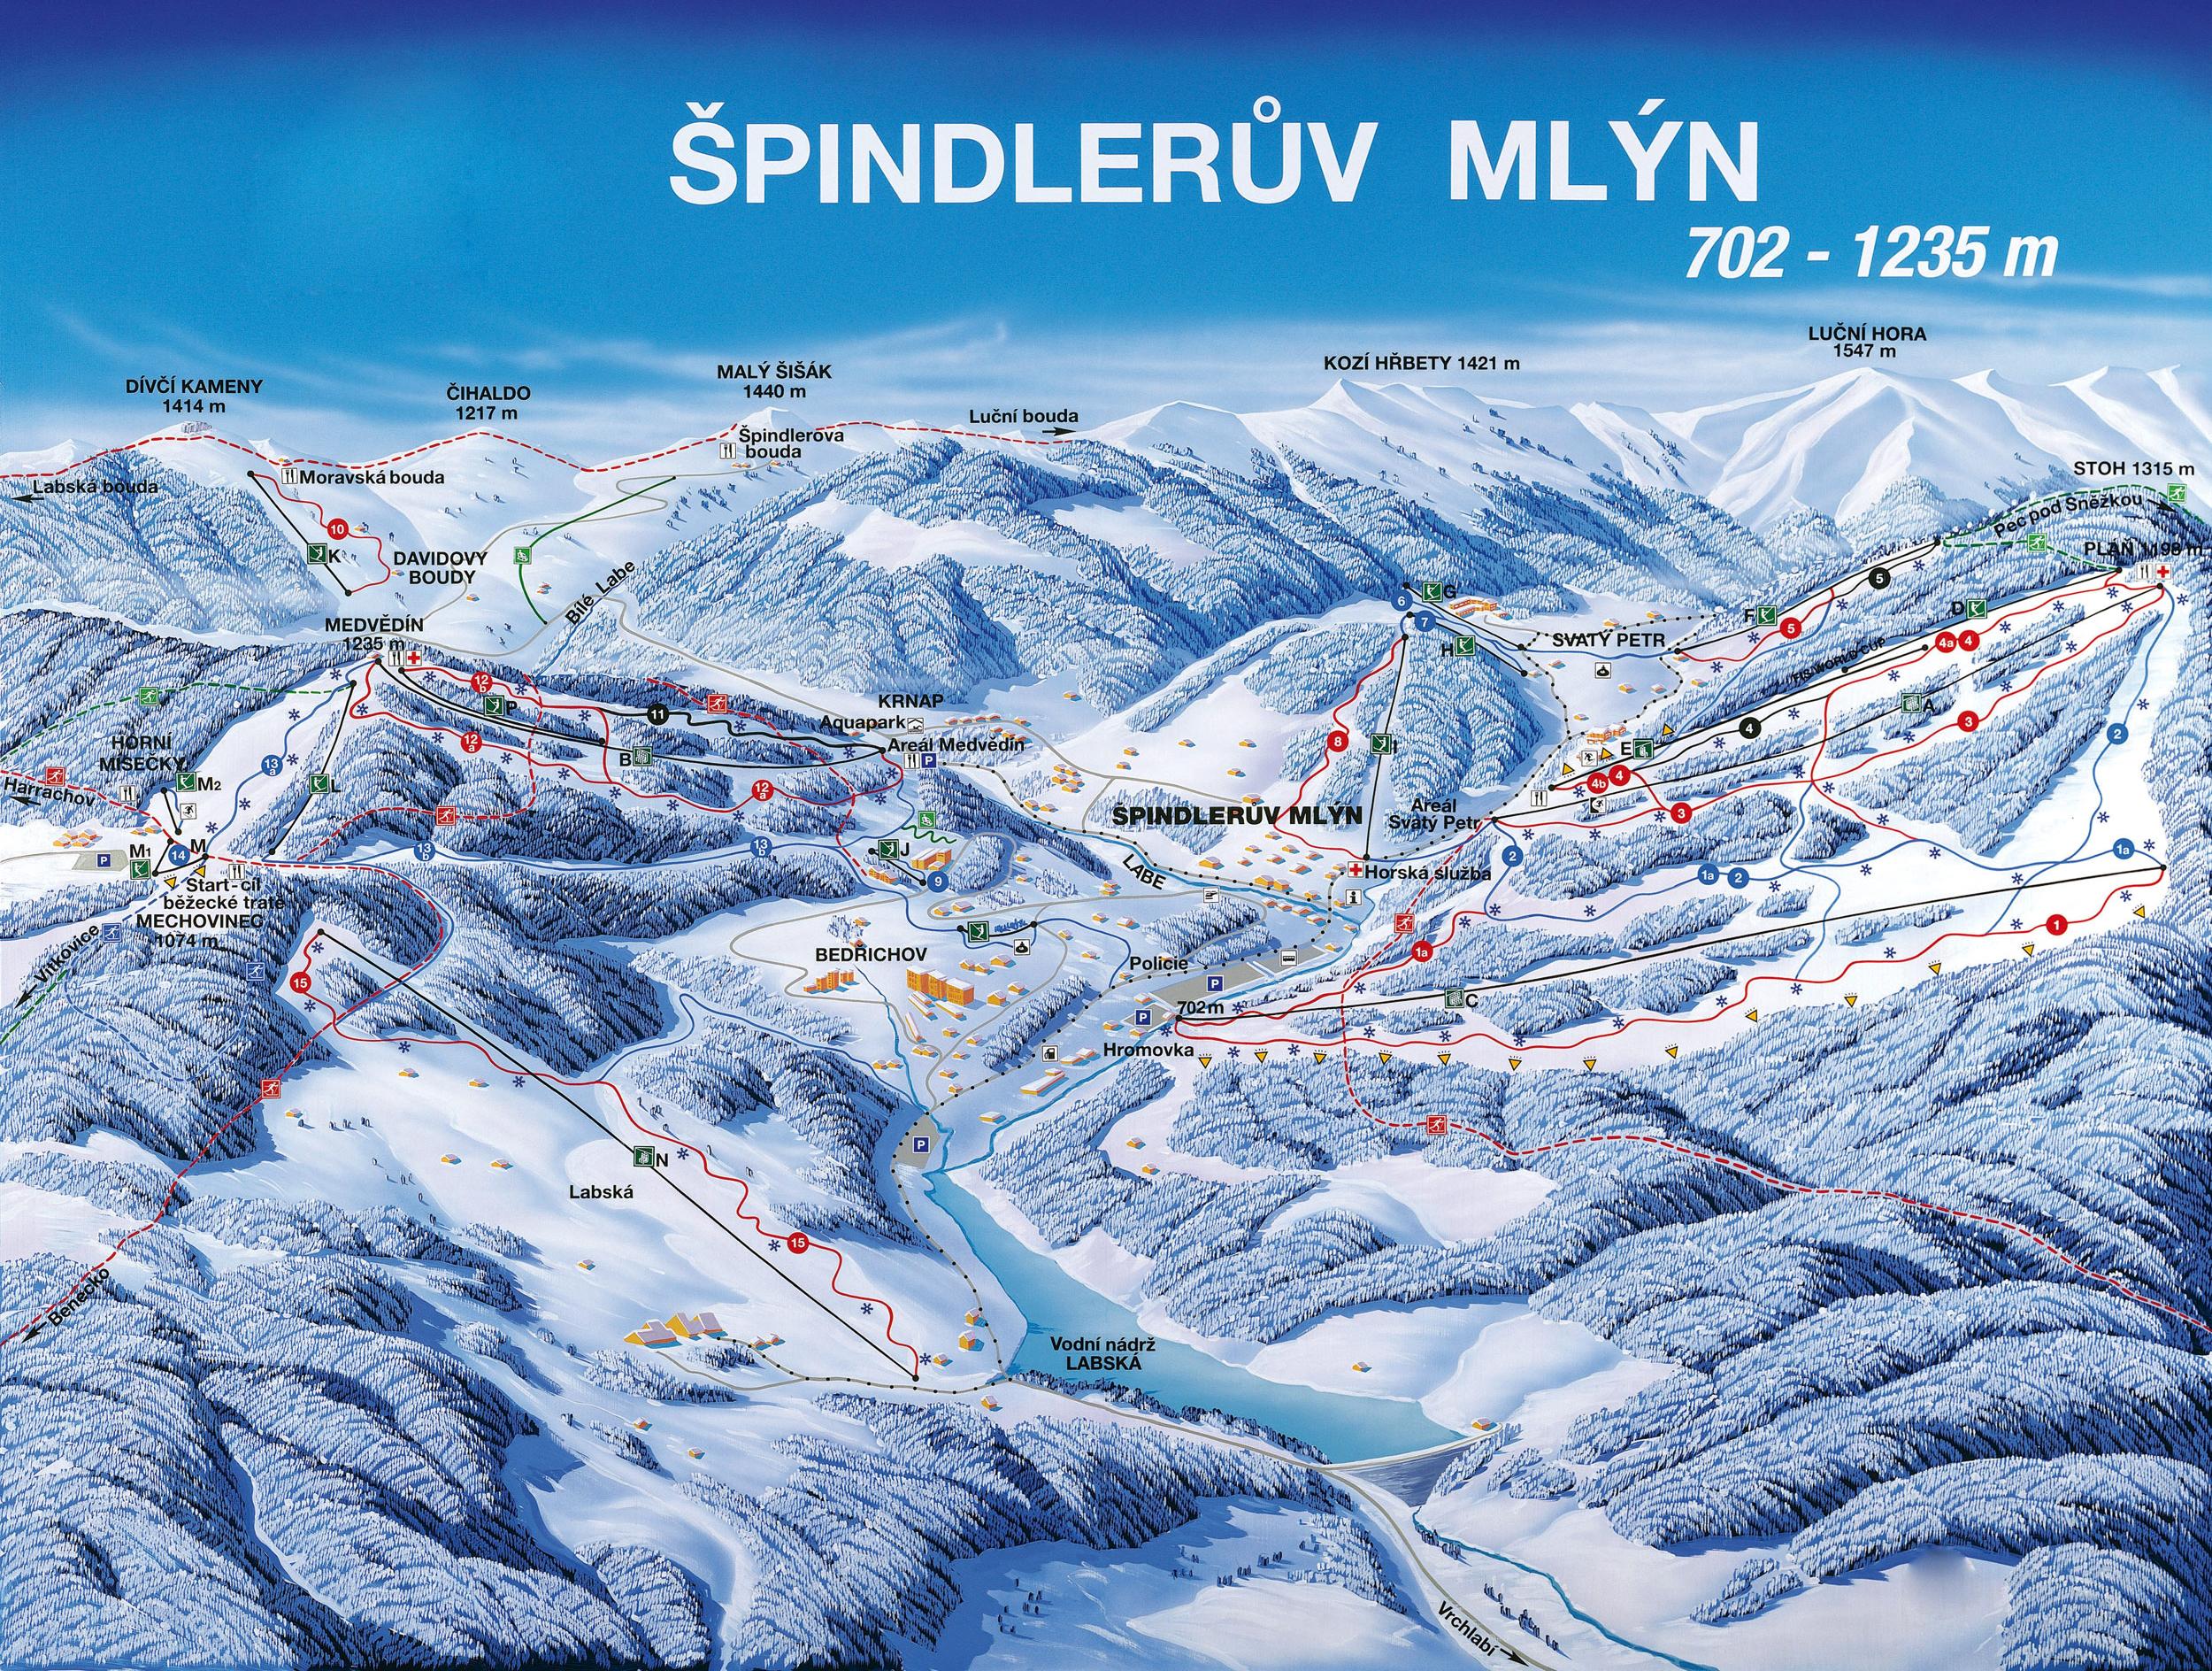 Карта горнолыжного курорта Шпиндлерув Млын